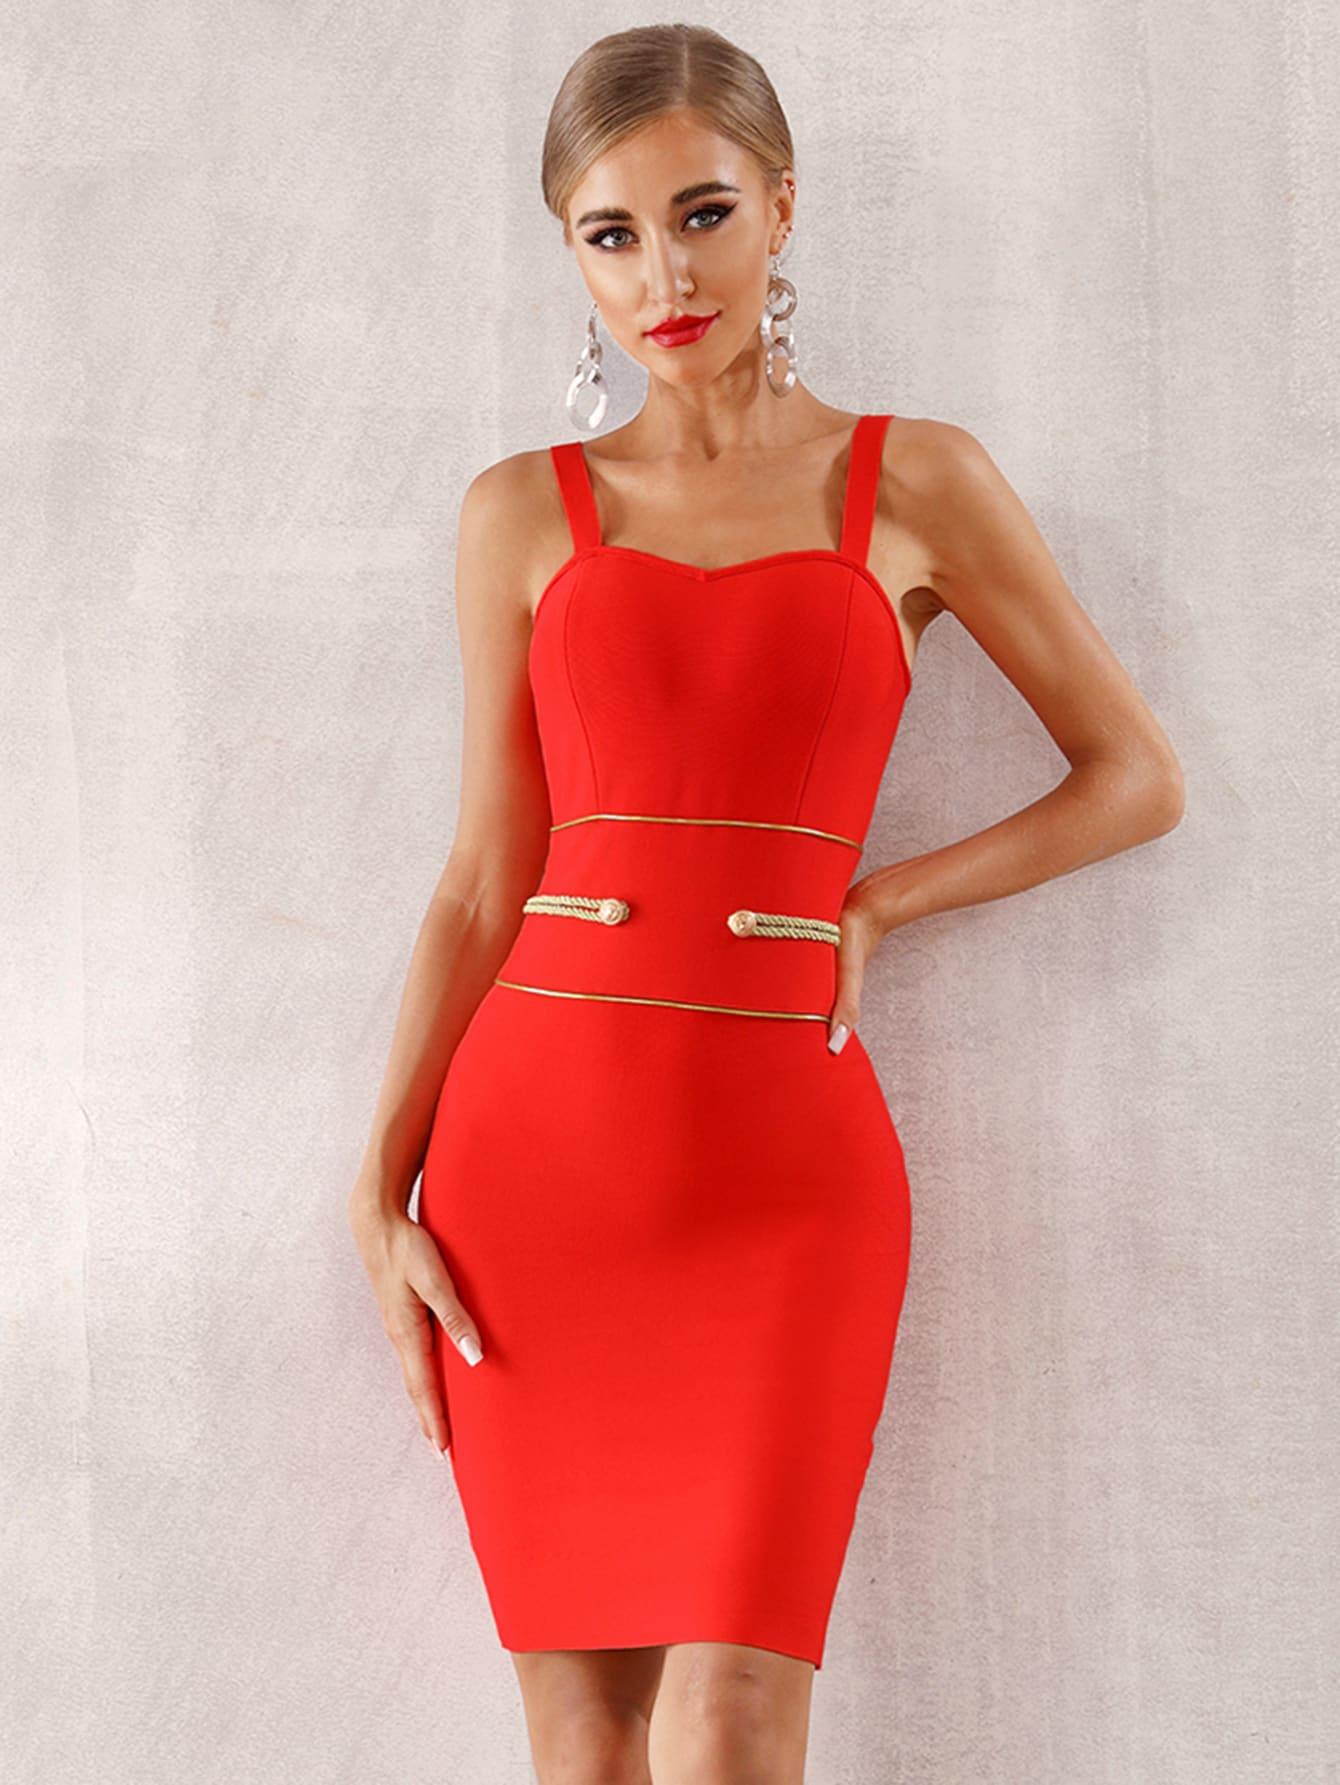 Фото - Adyce облегающее платье-комбинация с пуговицами от SheIn цвет оранжевые